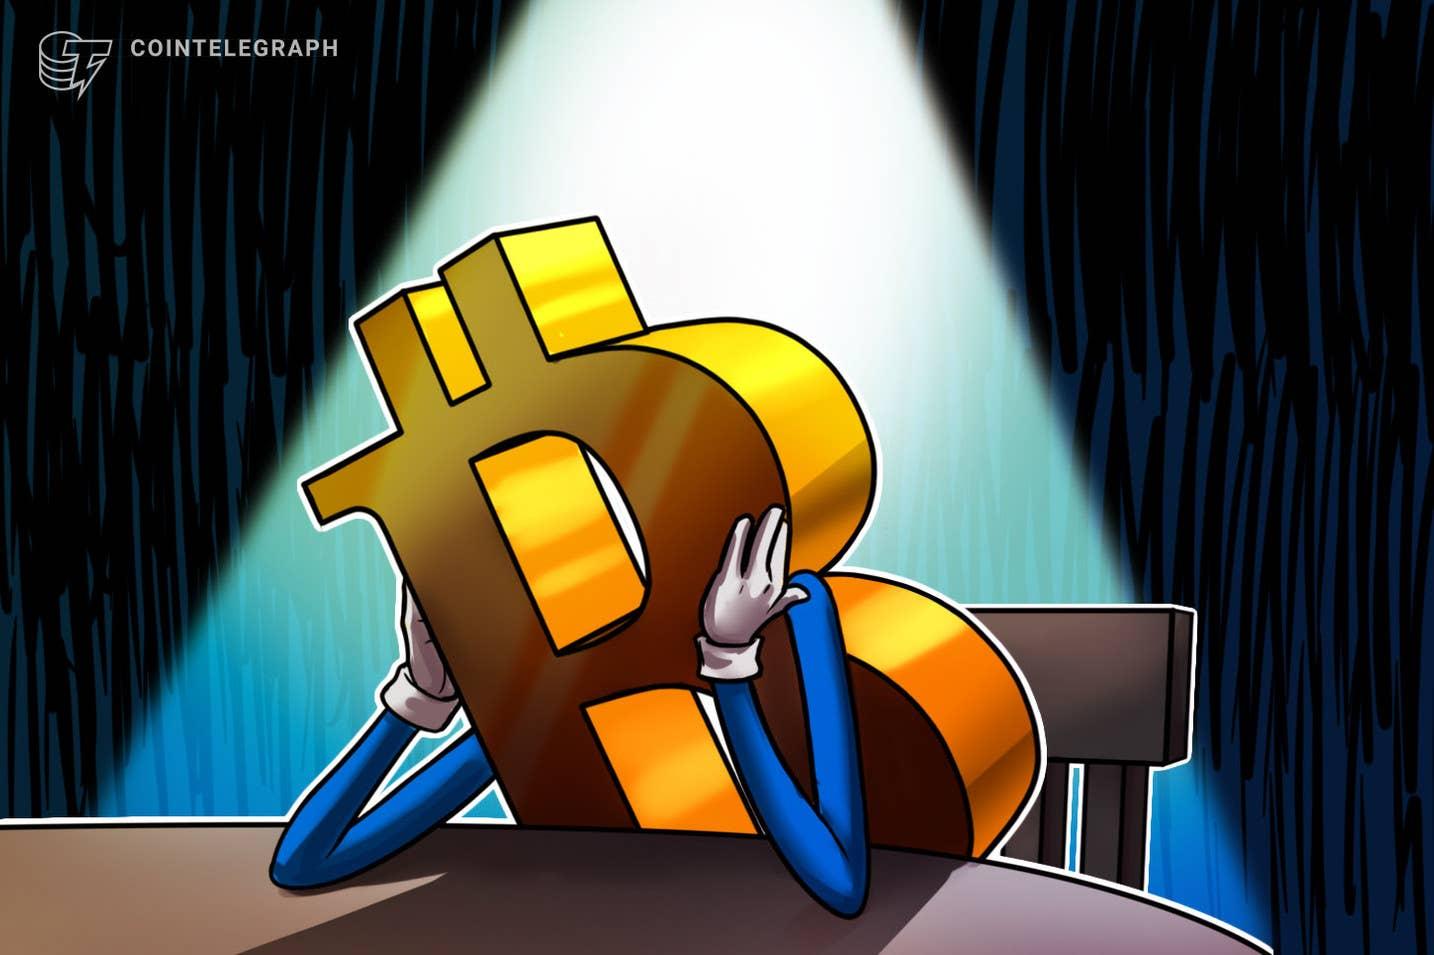 Os dados não mostram o Bitcoin como uma proteção contra a inflação no momento, de acordo com Chainalysis